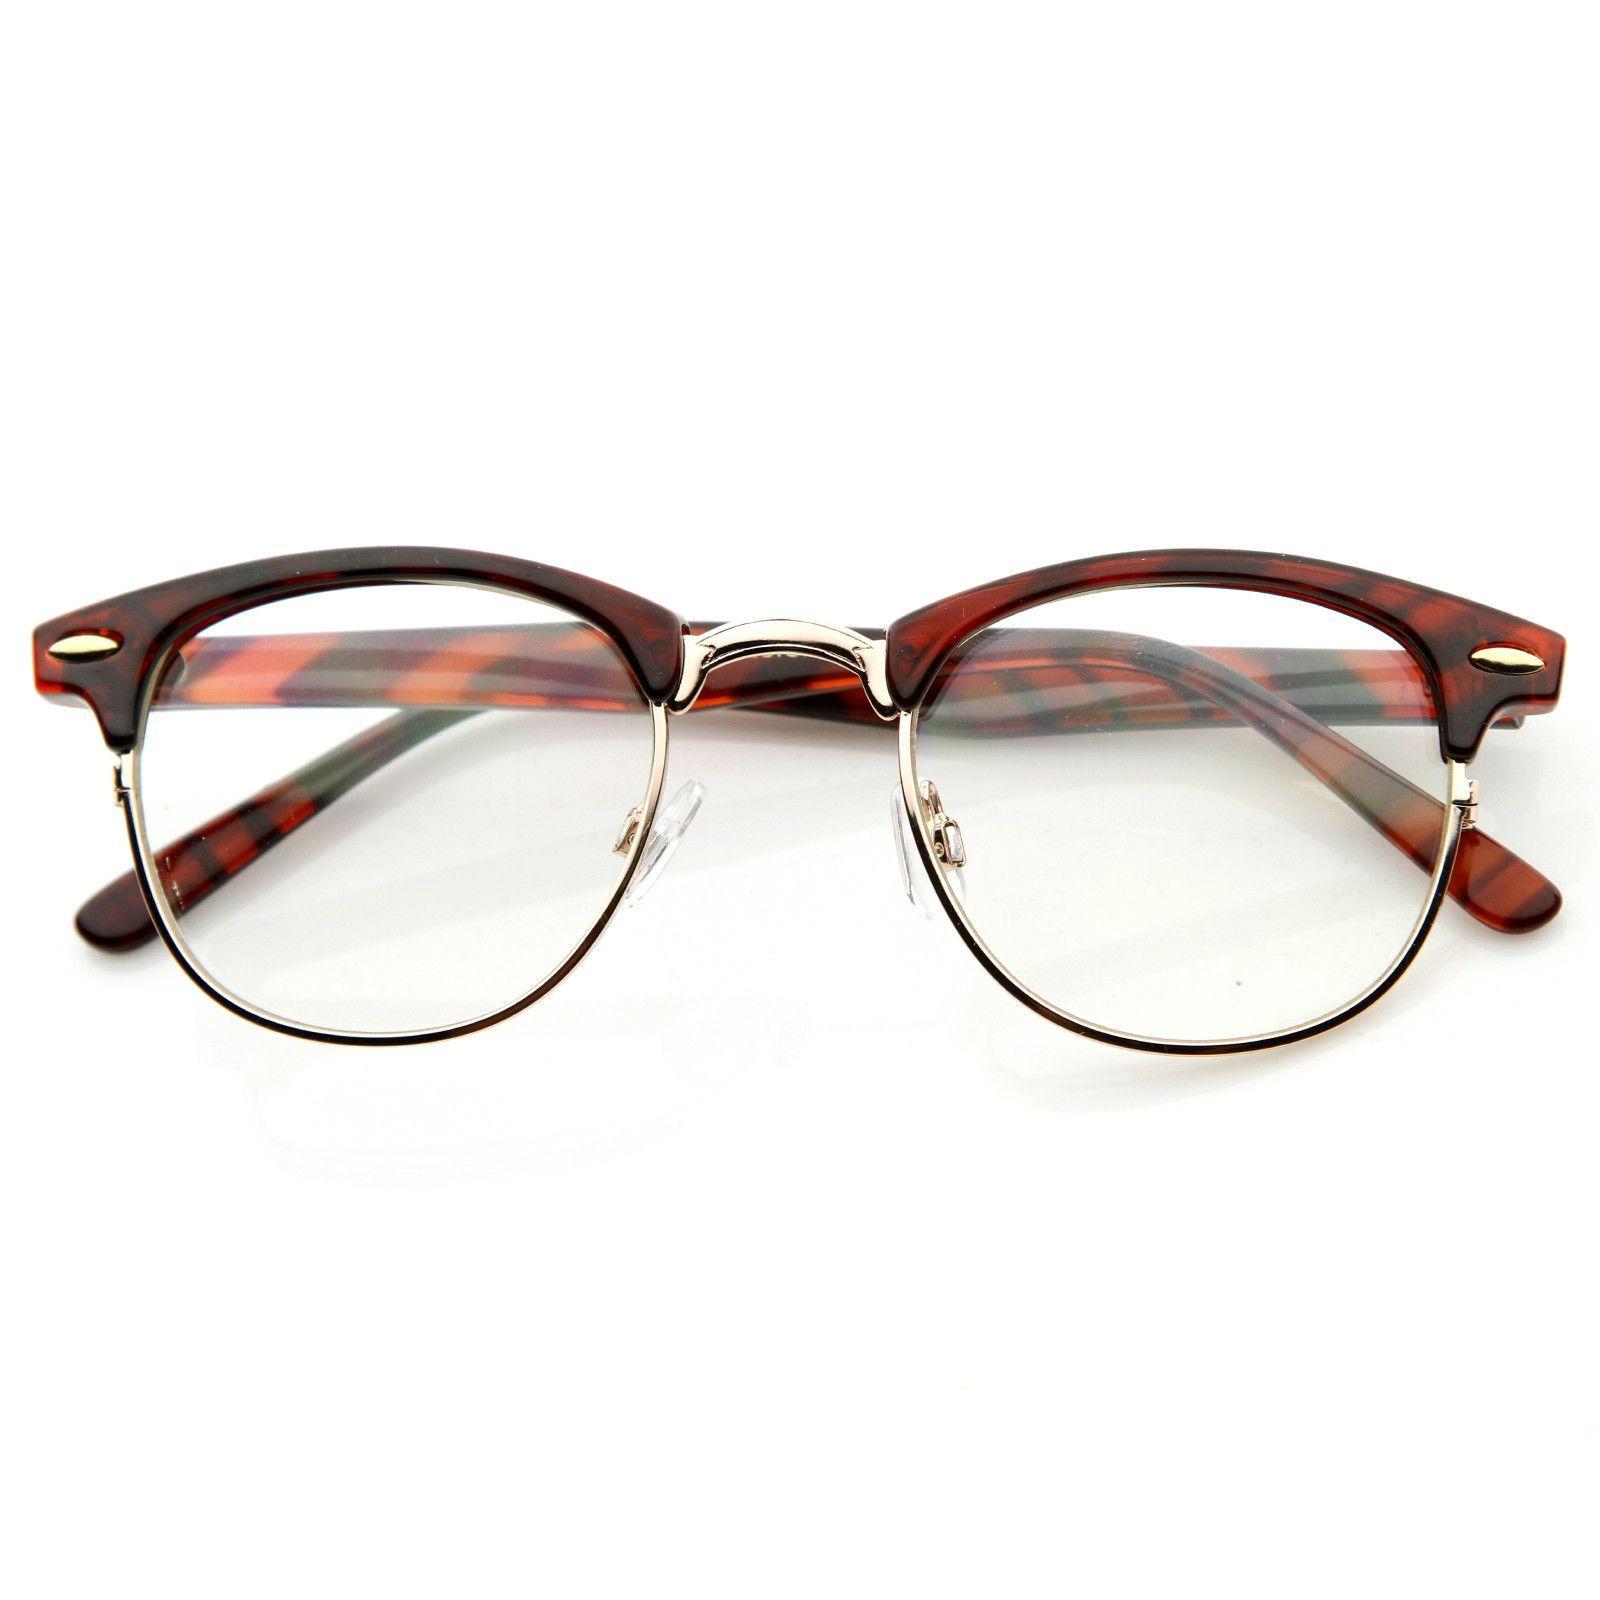 Vintage Optical RX Clear Lens Half Frame Glasses 2946 49mm | Lentes ...